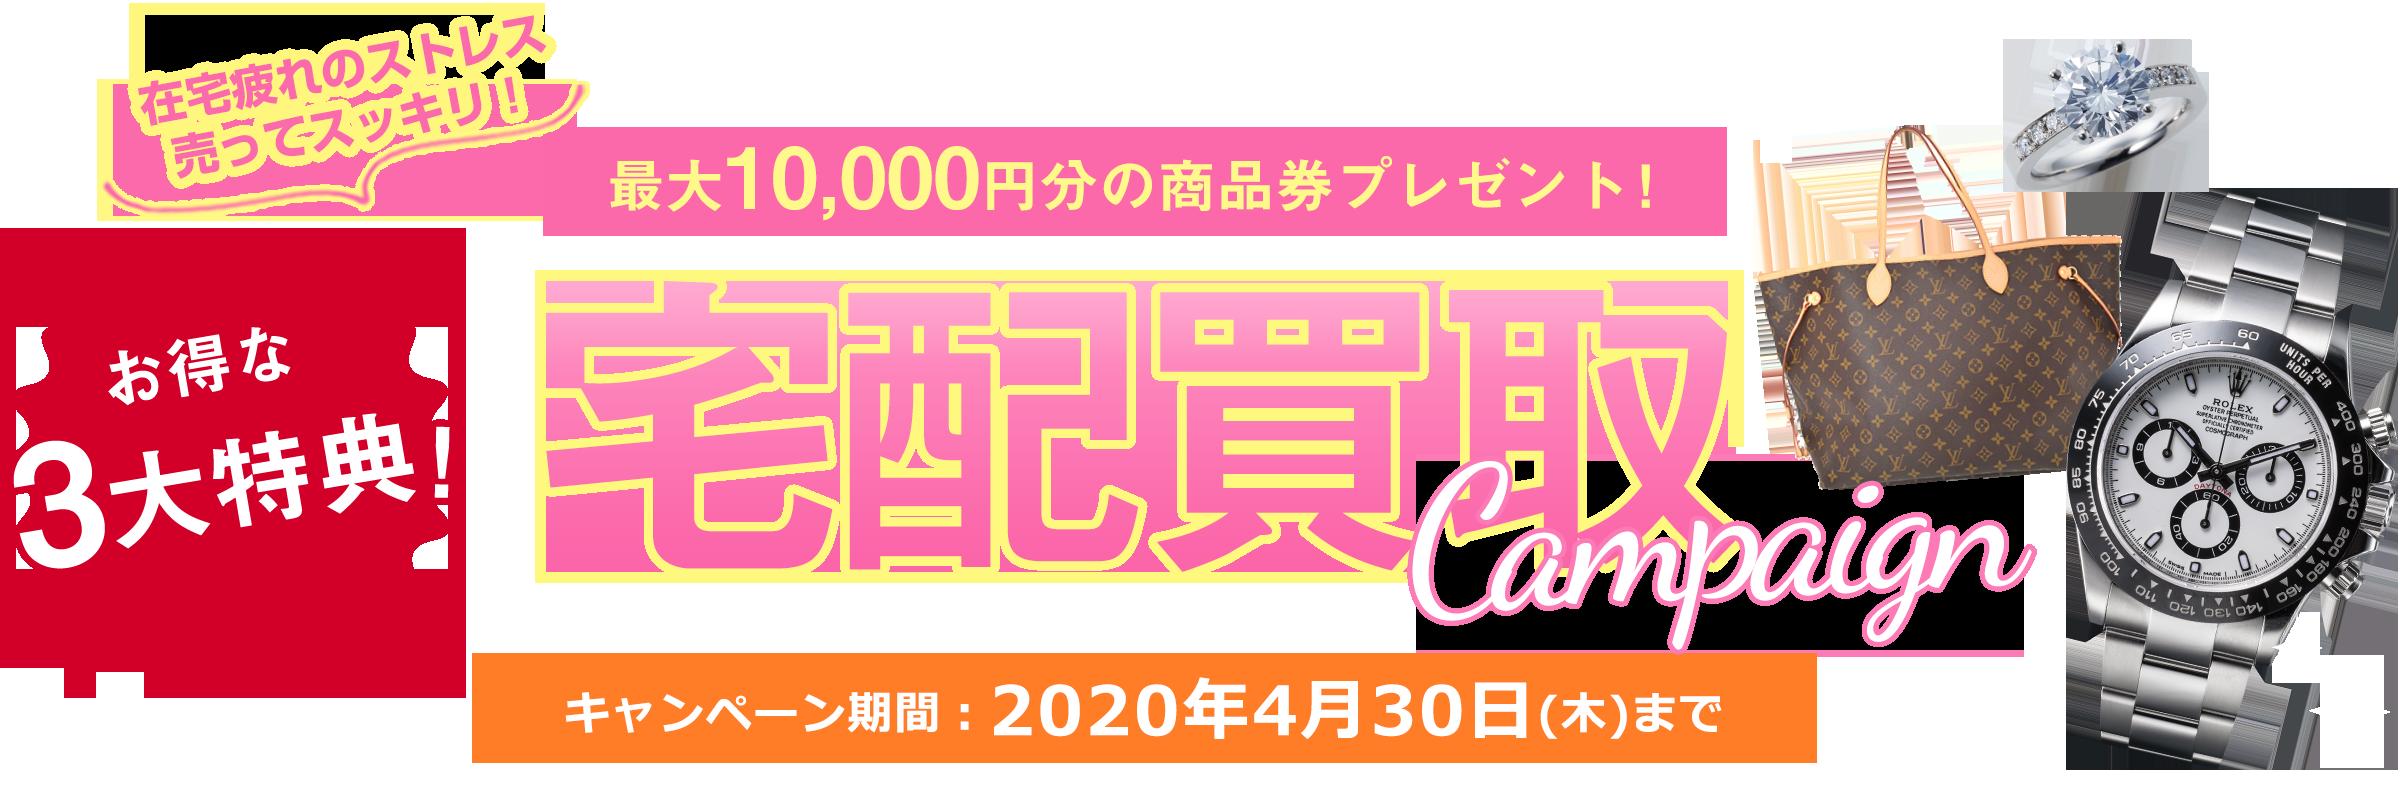 202004_宅配買取キャンペーン